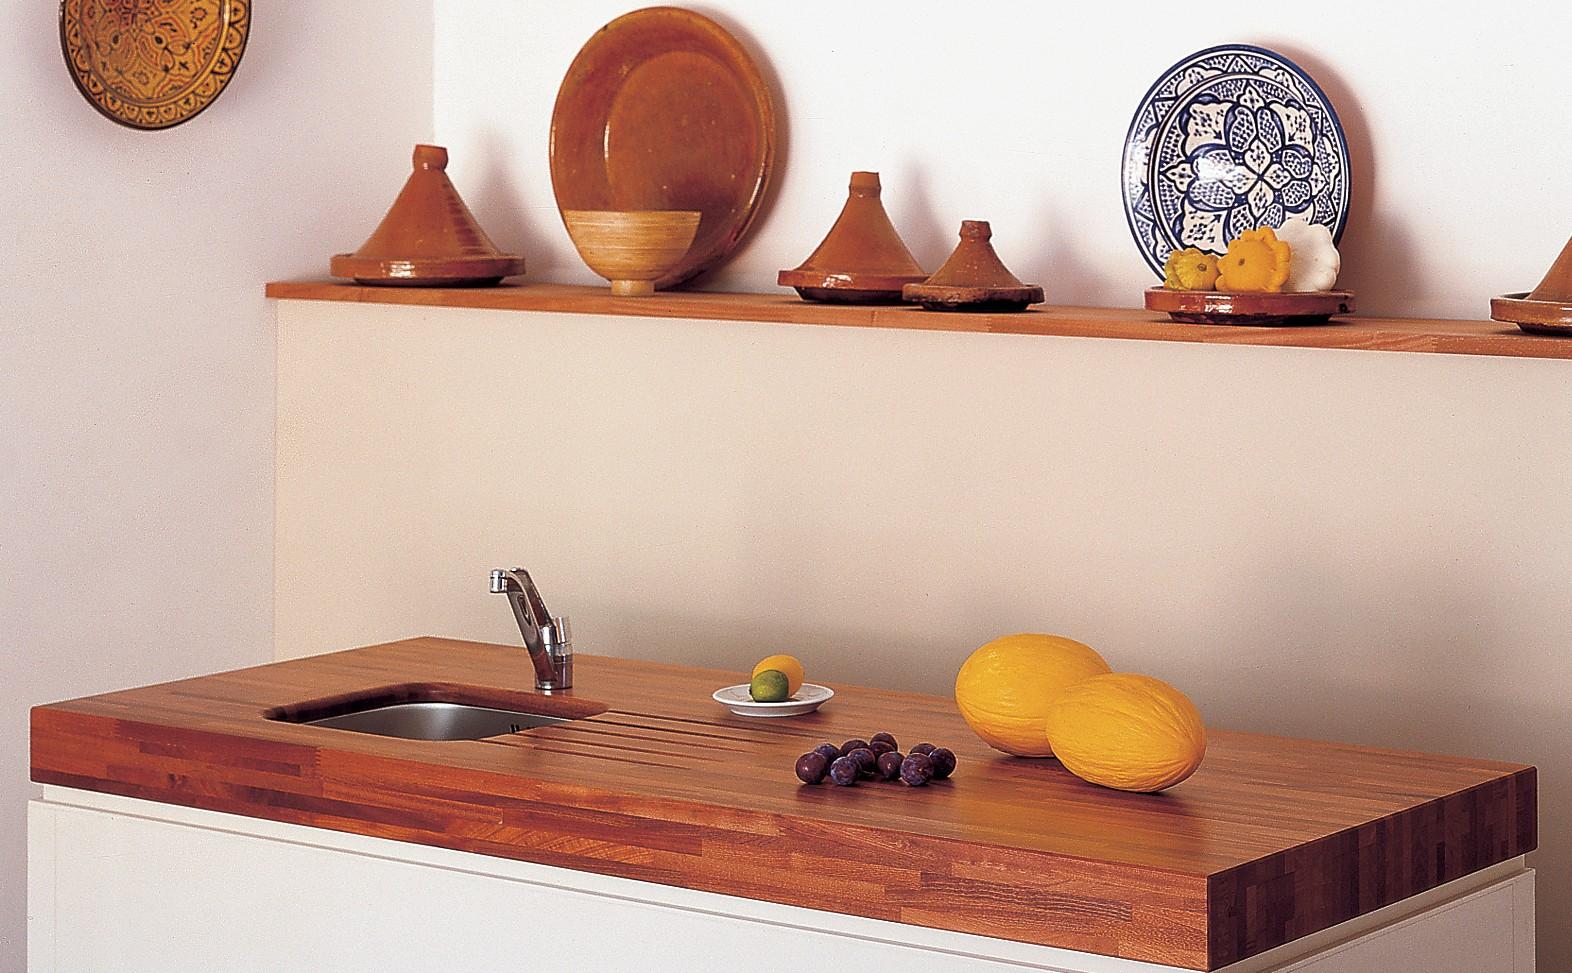 Il ts flip design boisflip design bois - Matiere plan de travail cuisine ...